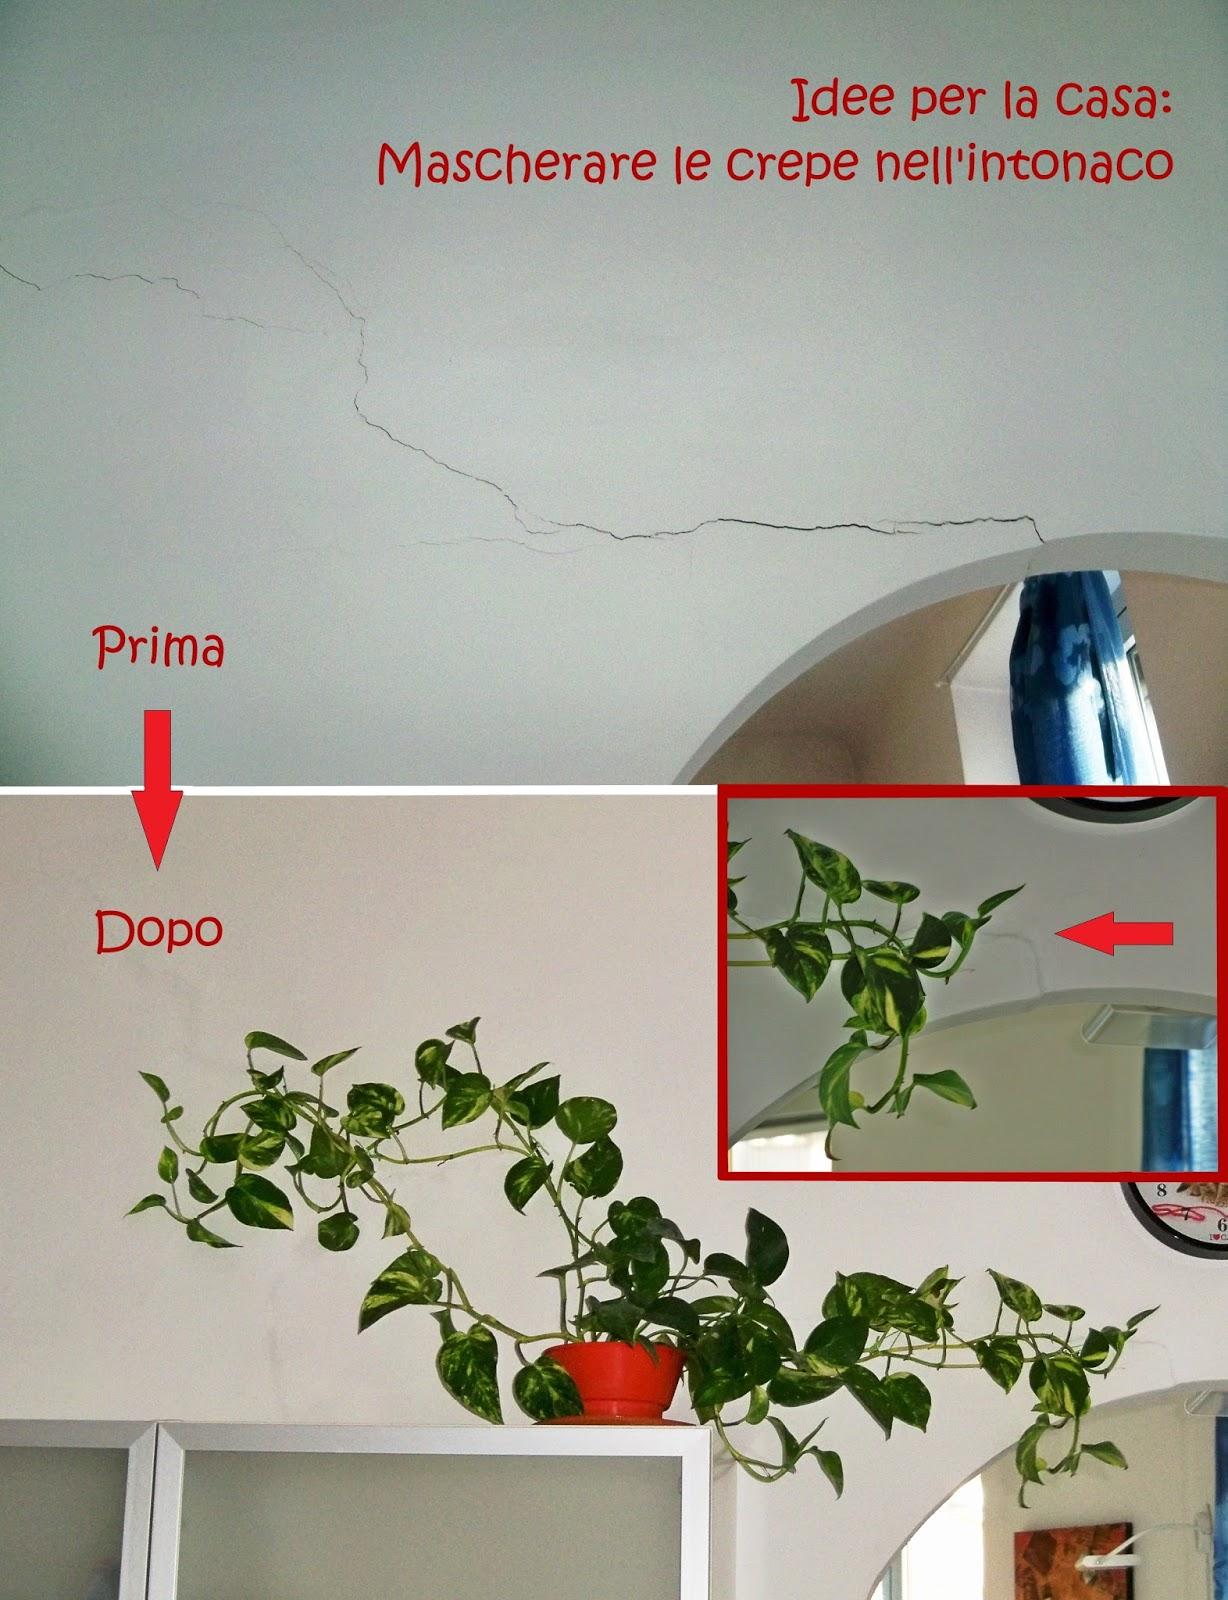 Disegni Sui Muri Di Casa _rici '86_: un trucco per mascherare le crepe nell'intonaco